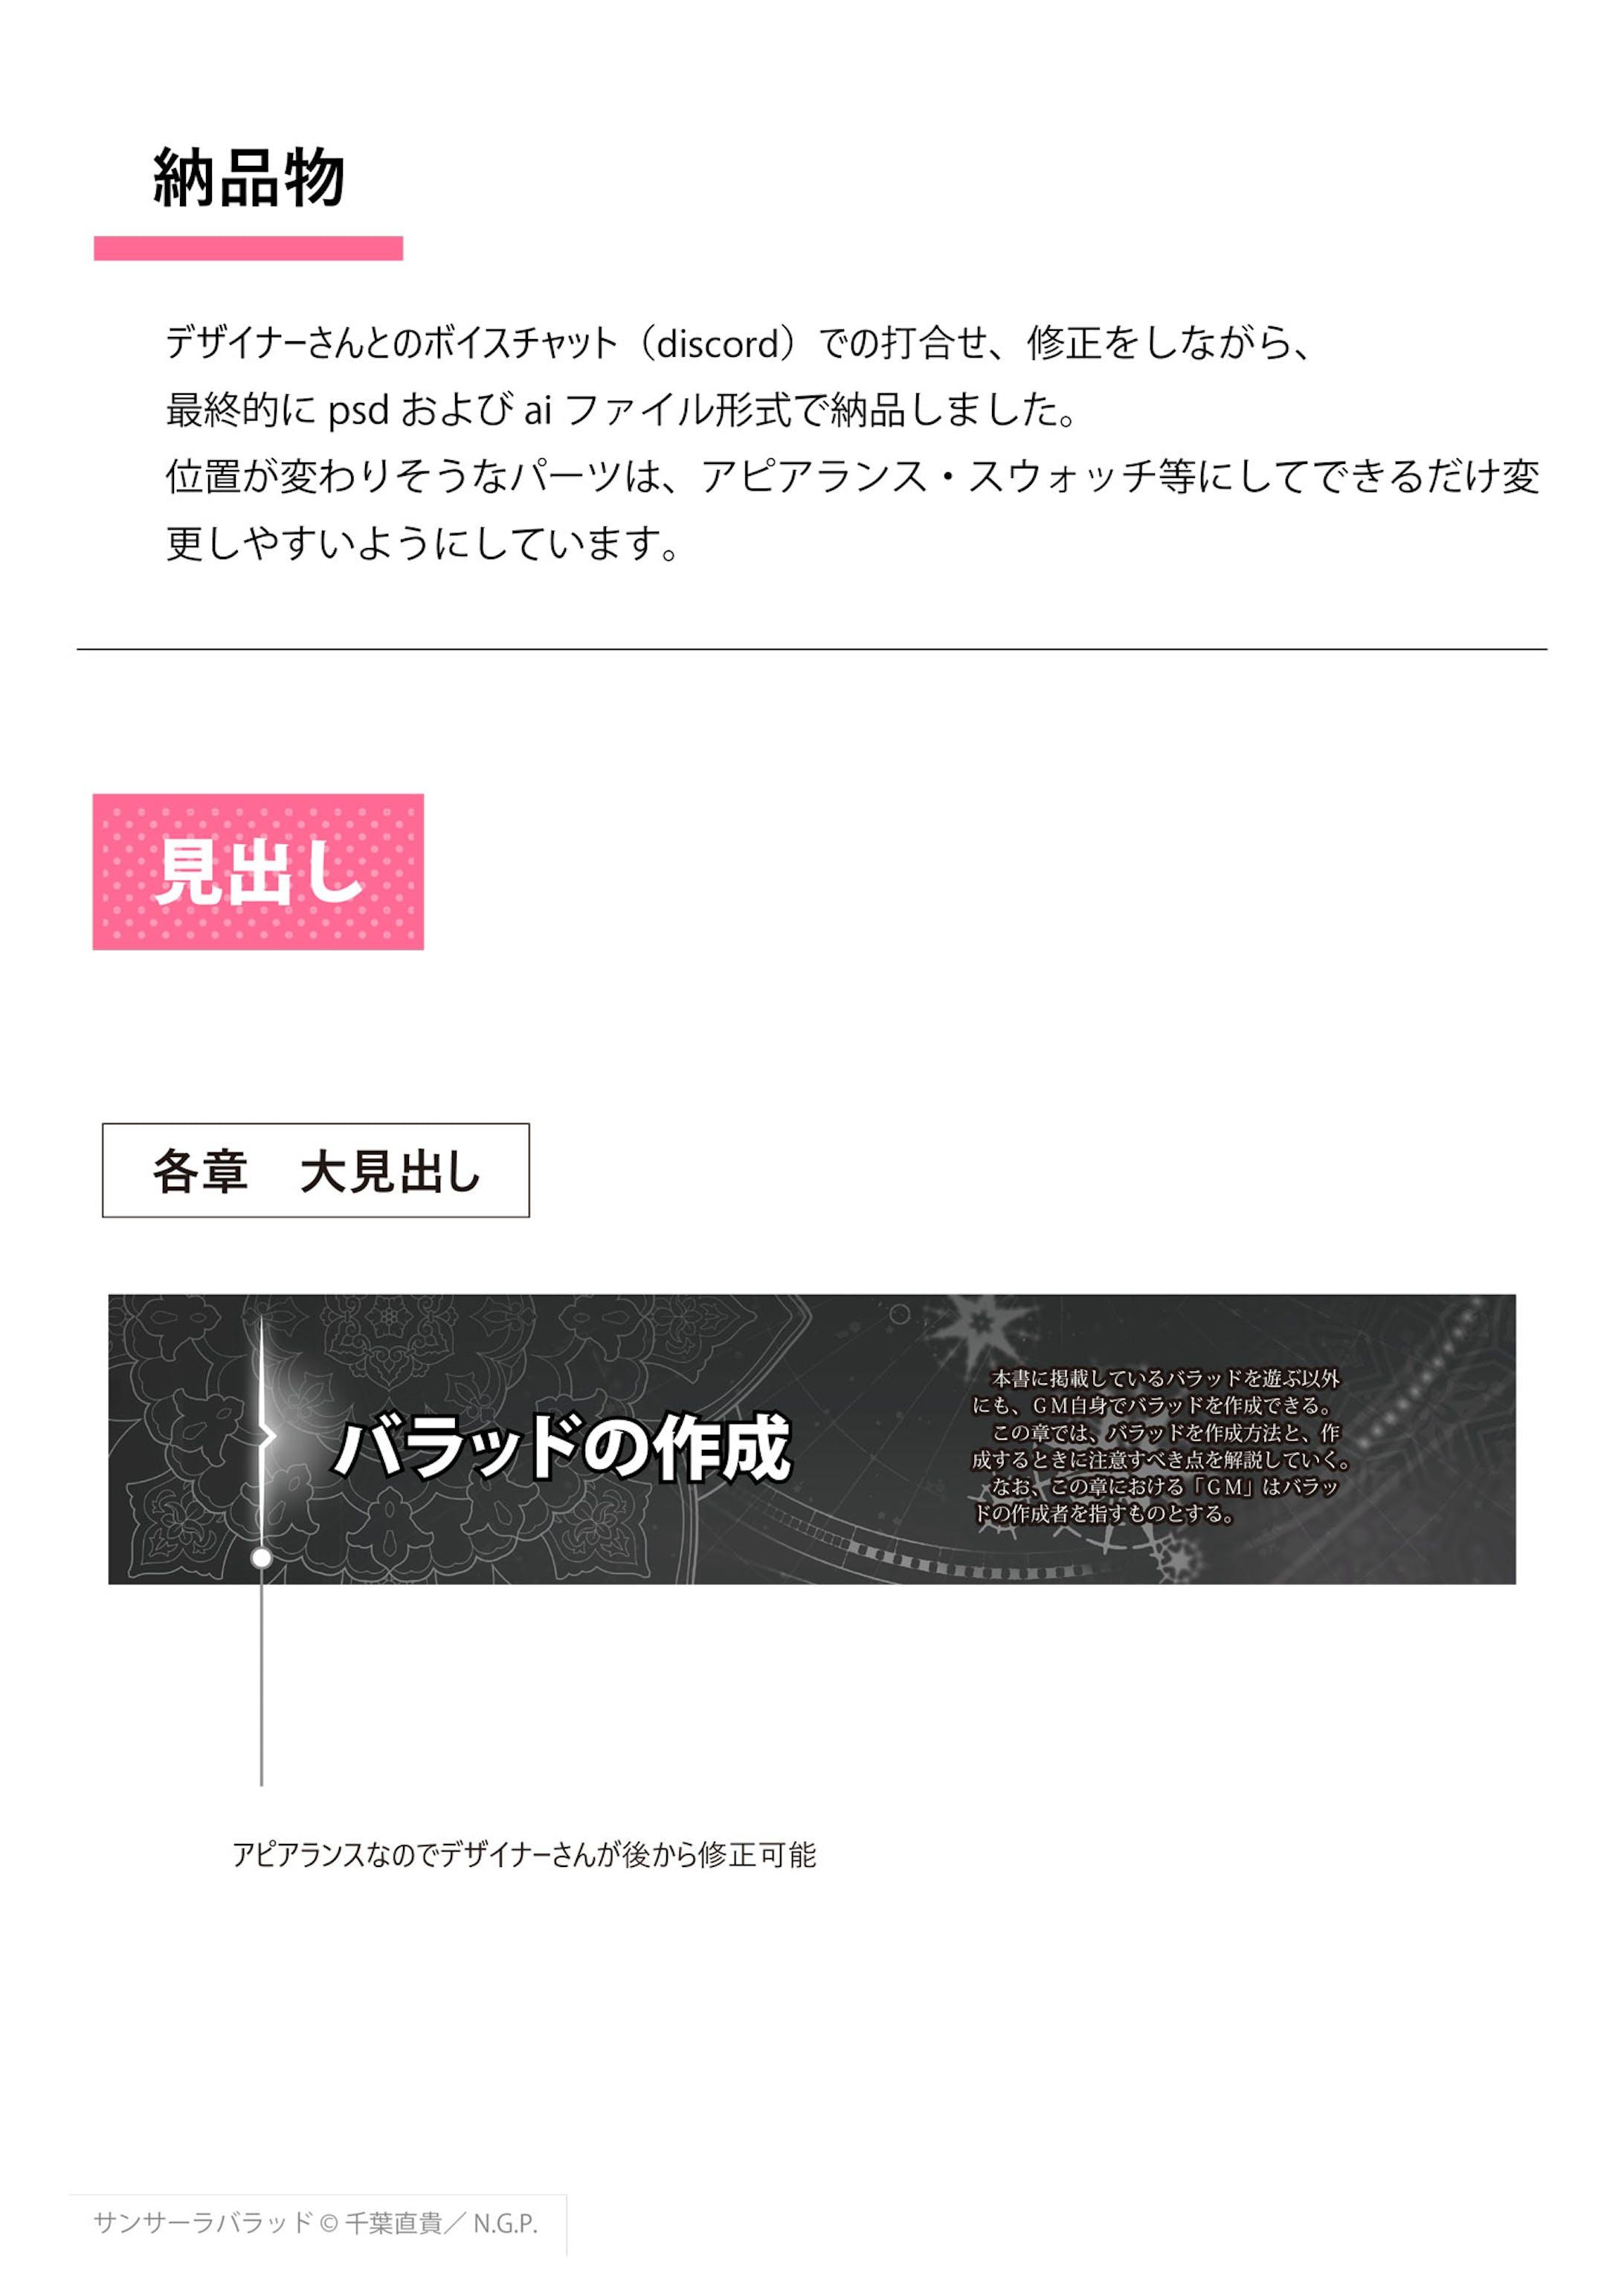 異世界転生RPG サンサーラ・バラッド - 誌面デザイン-6